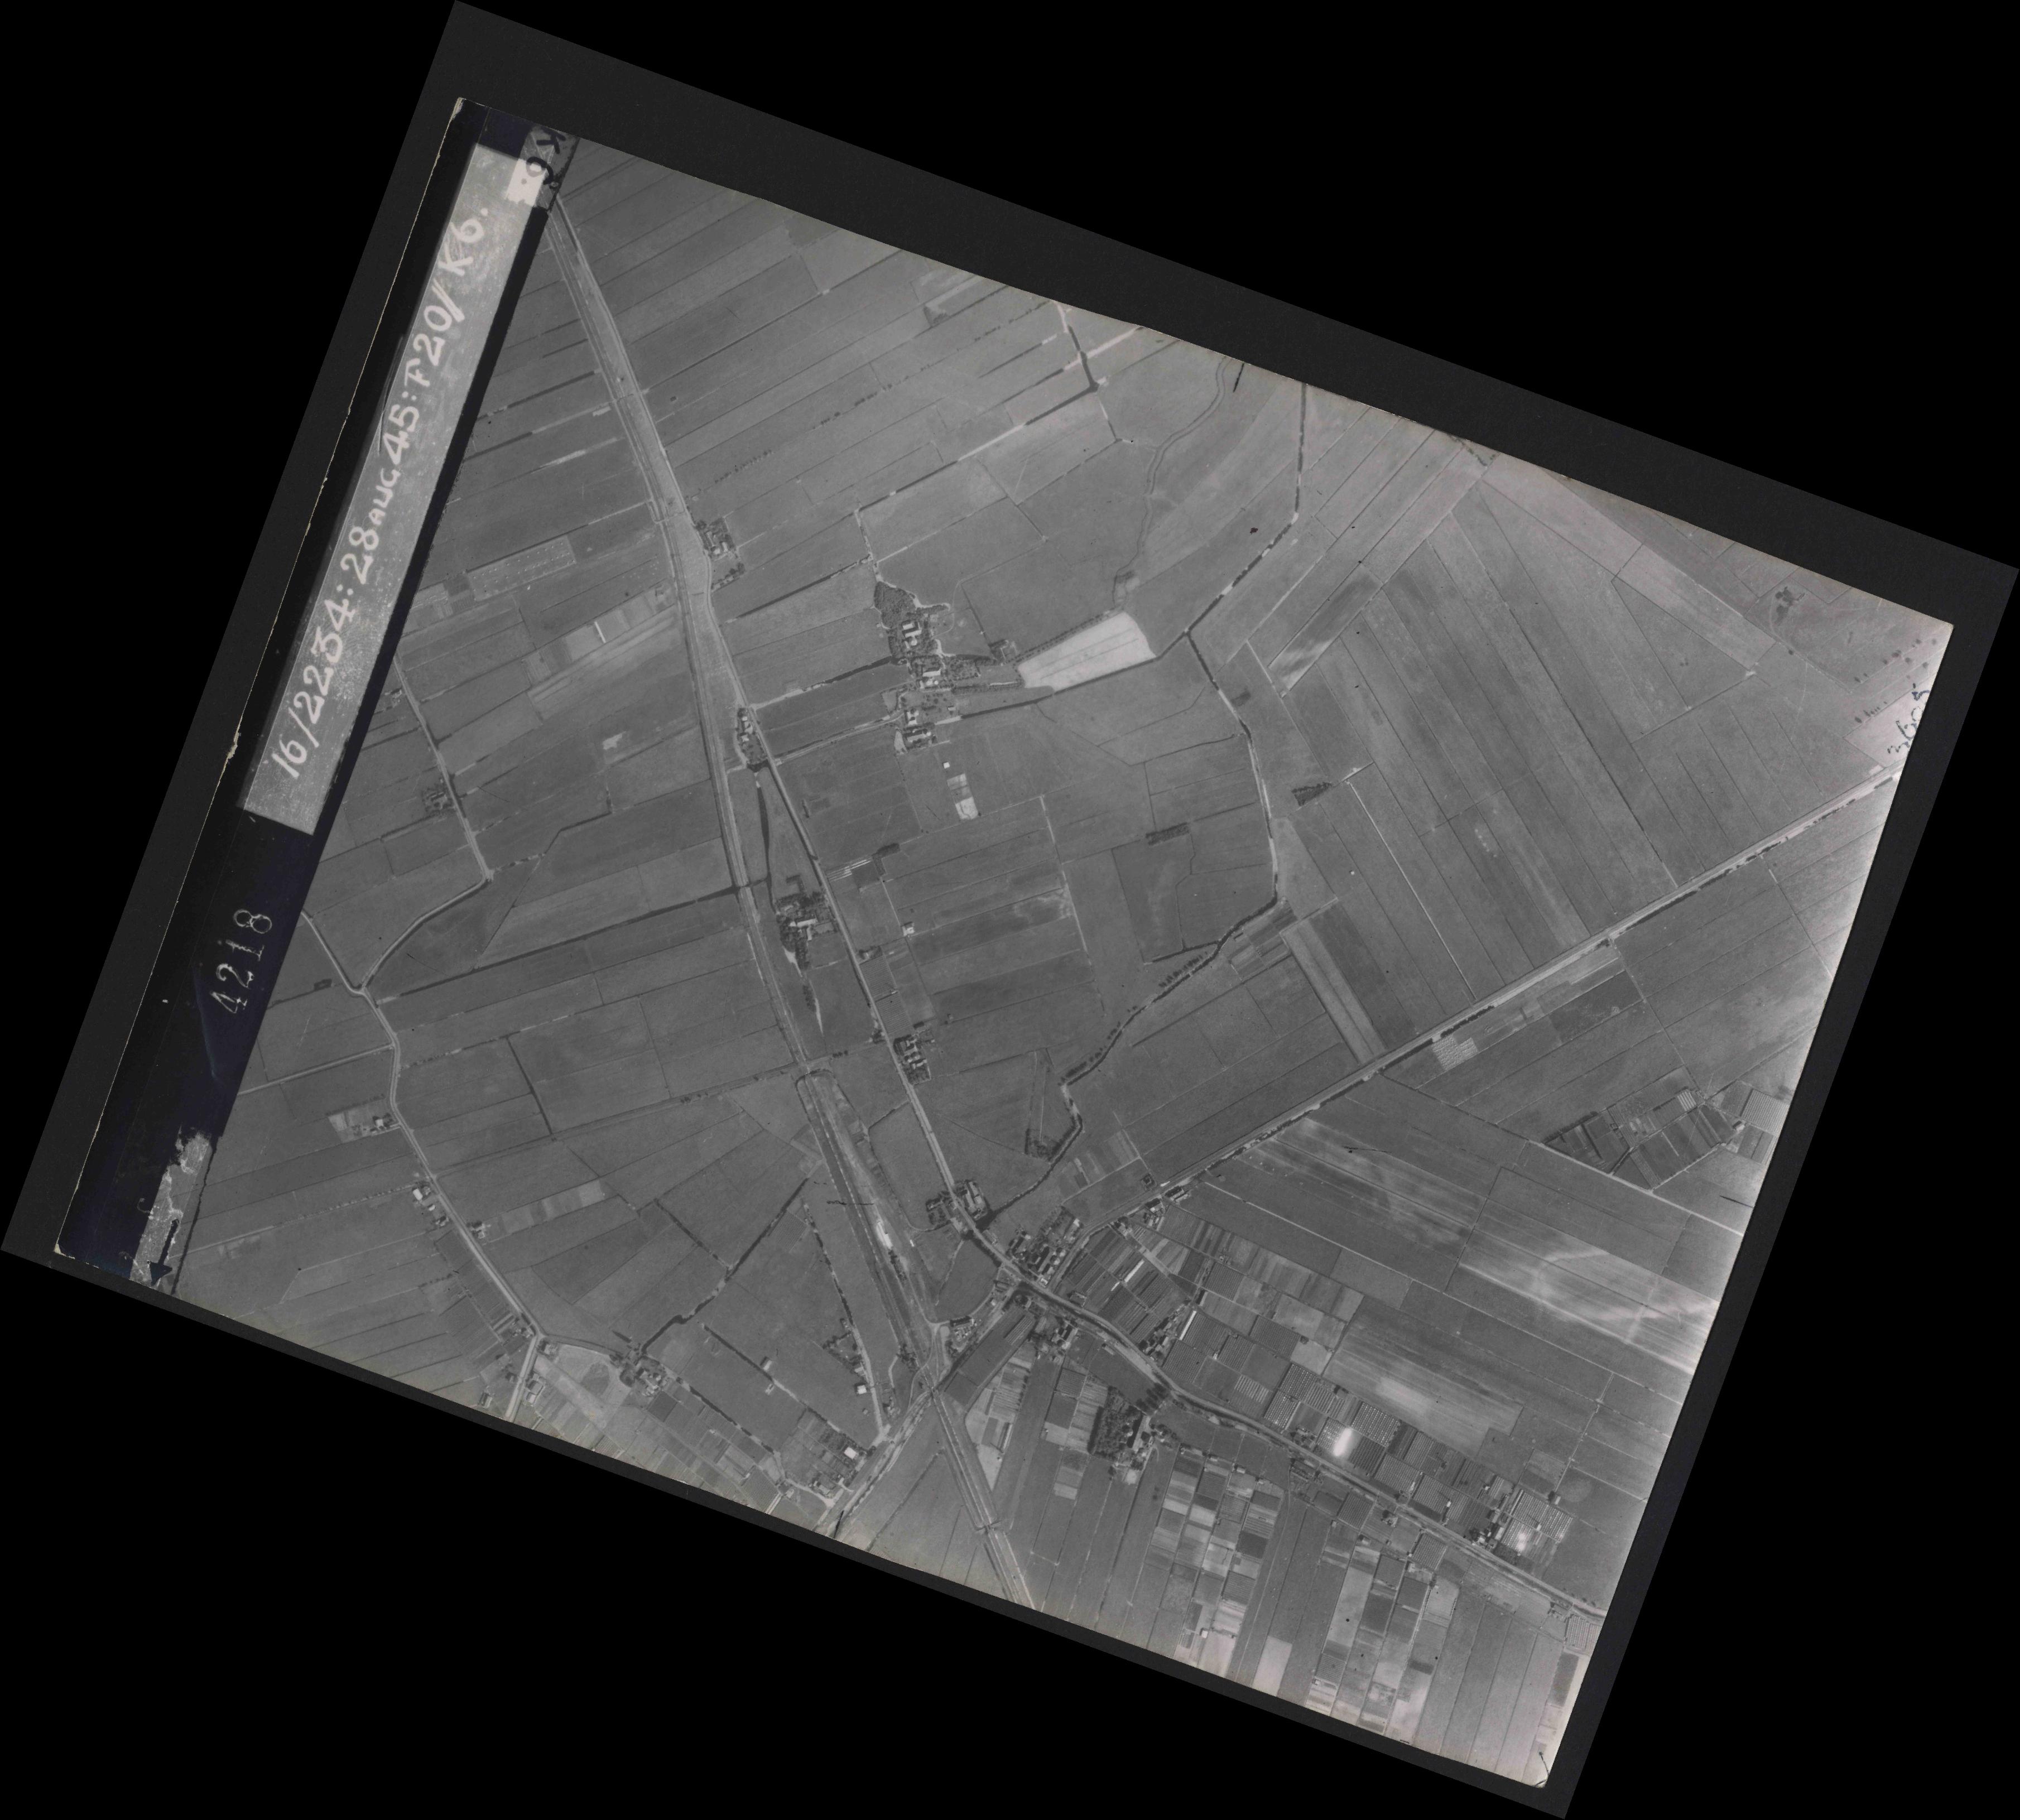 Collection RAF aerial photos 1940-1945 - flight 031, run 01, photo 4218